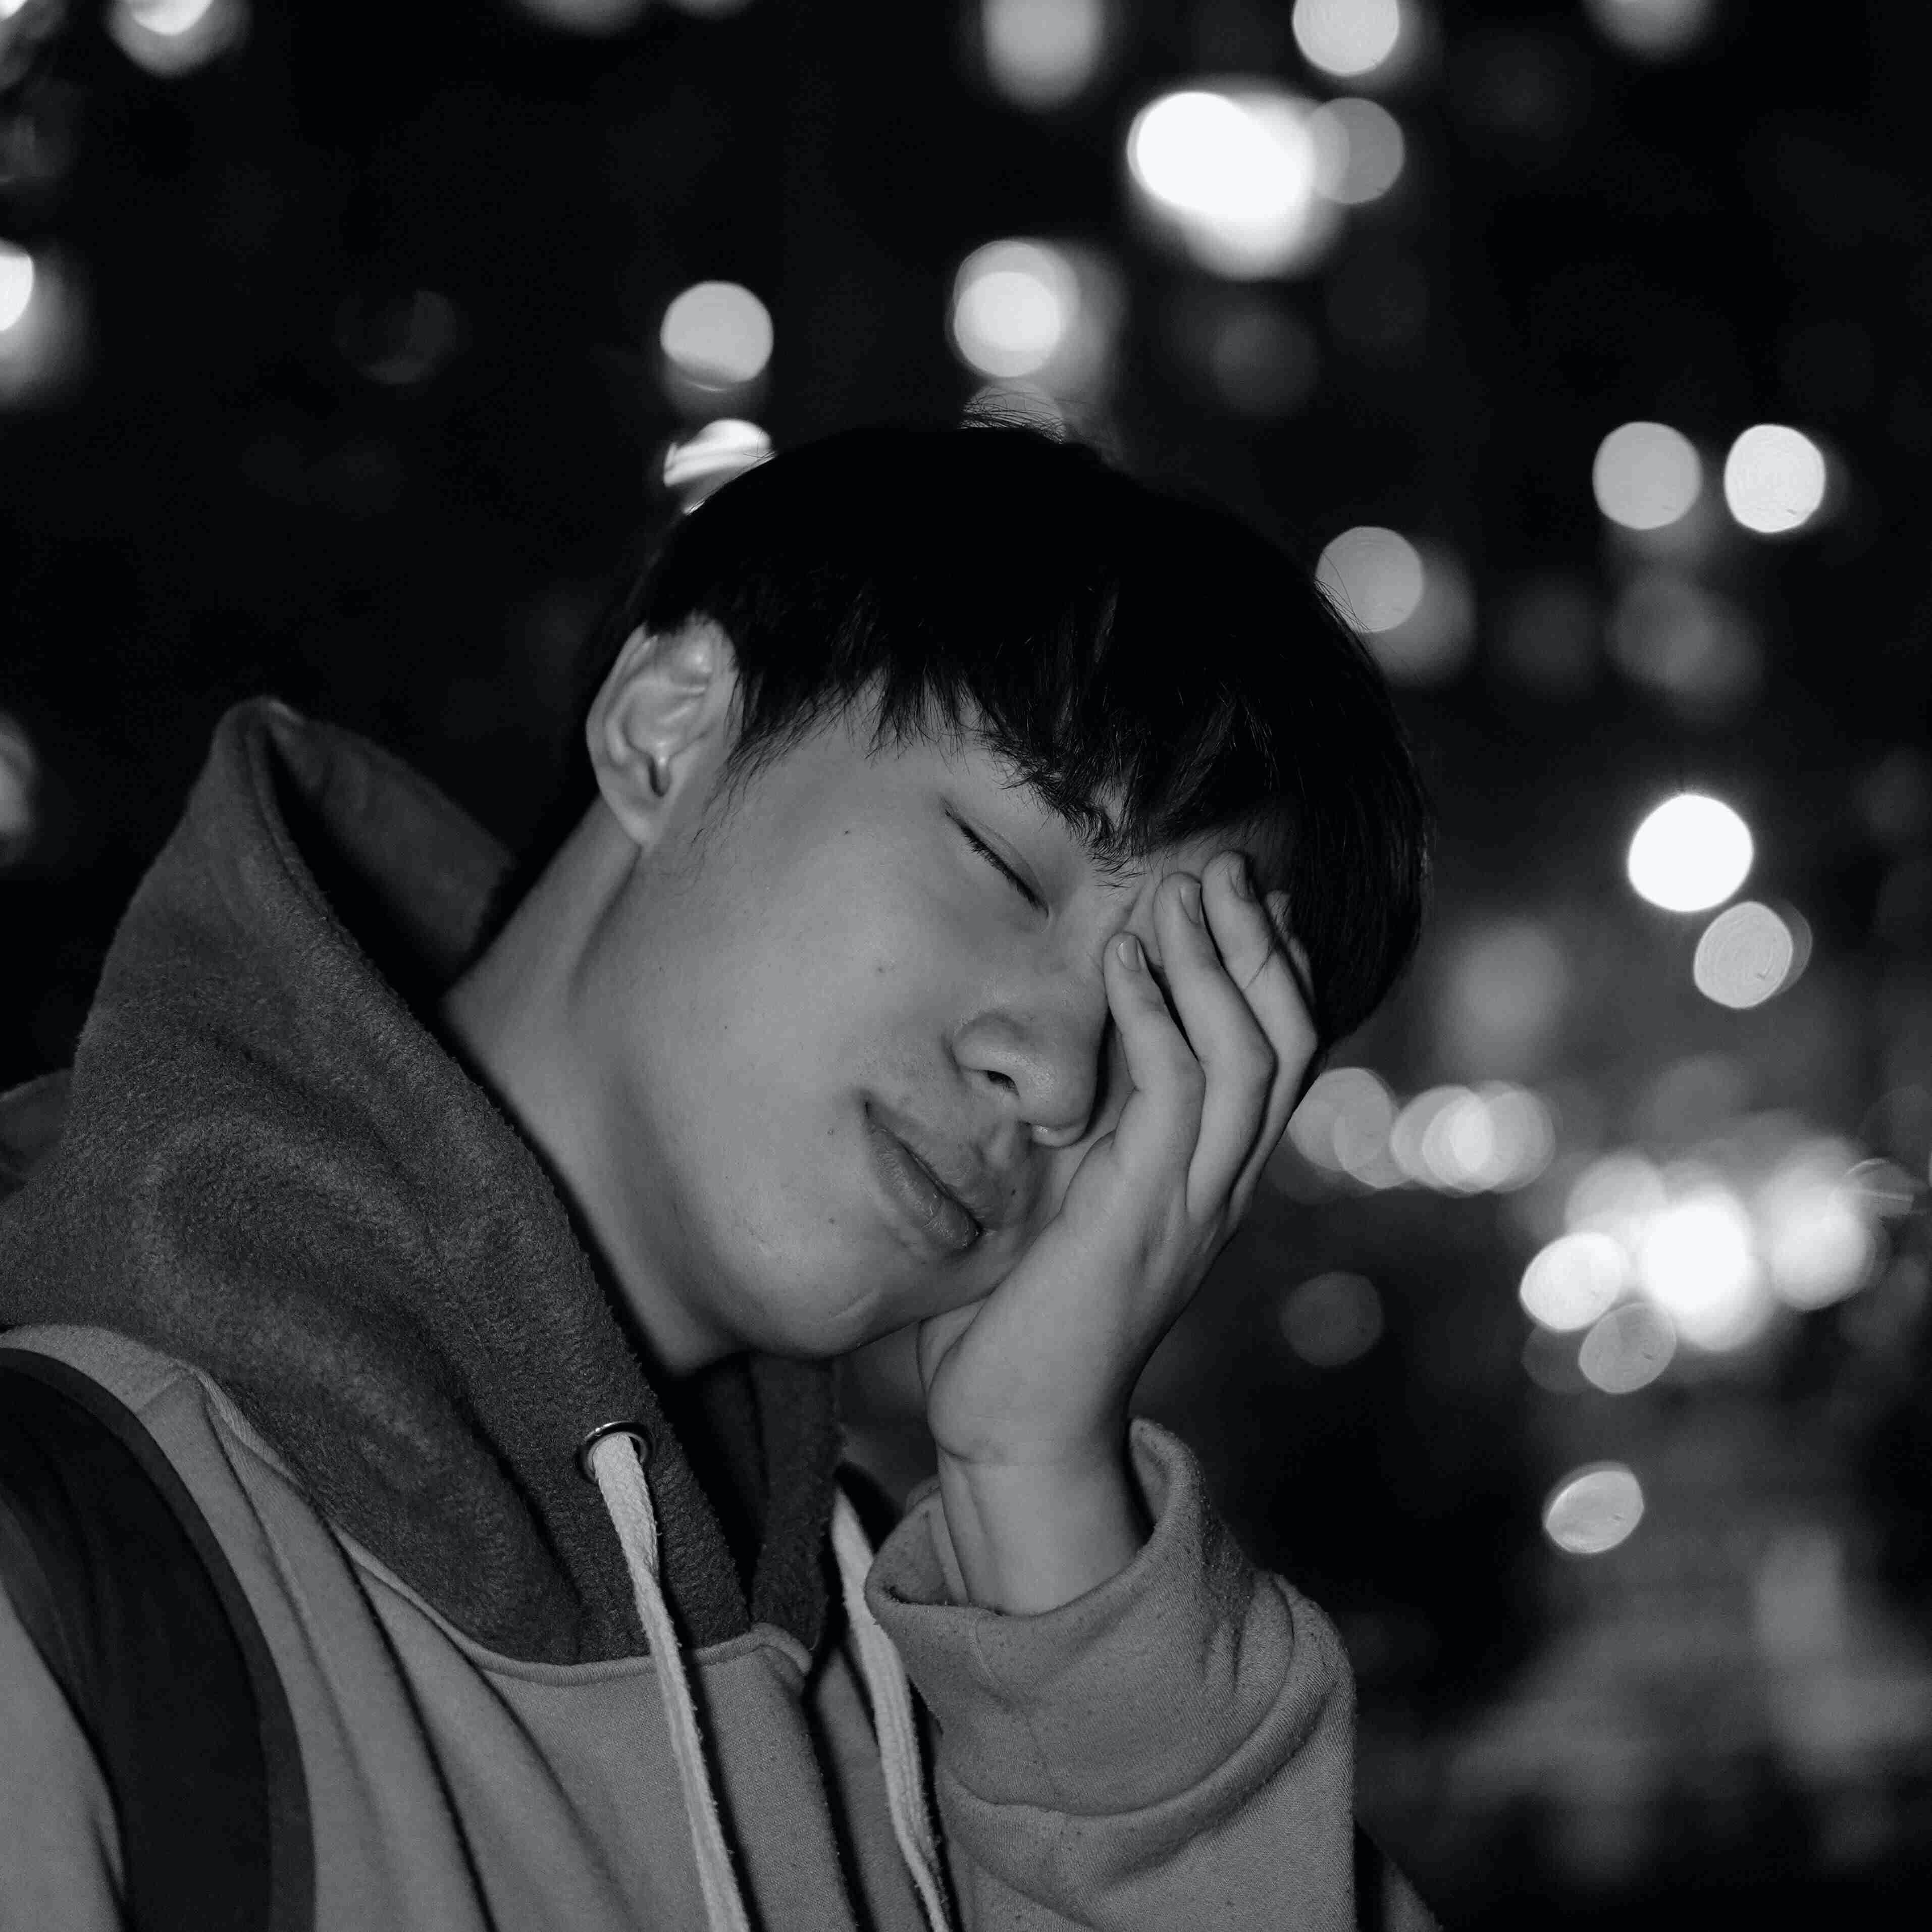 Go to Alexander Tsang's profile